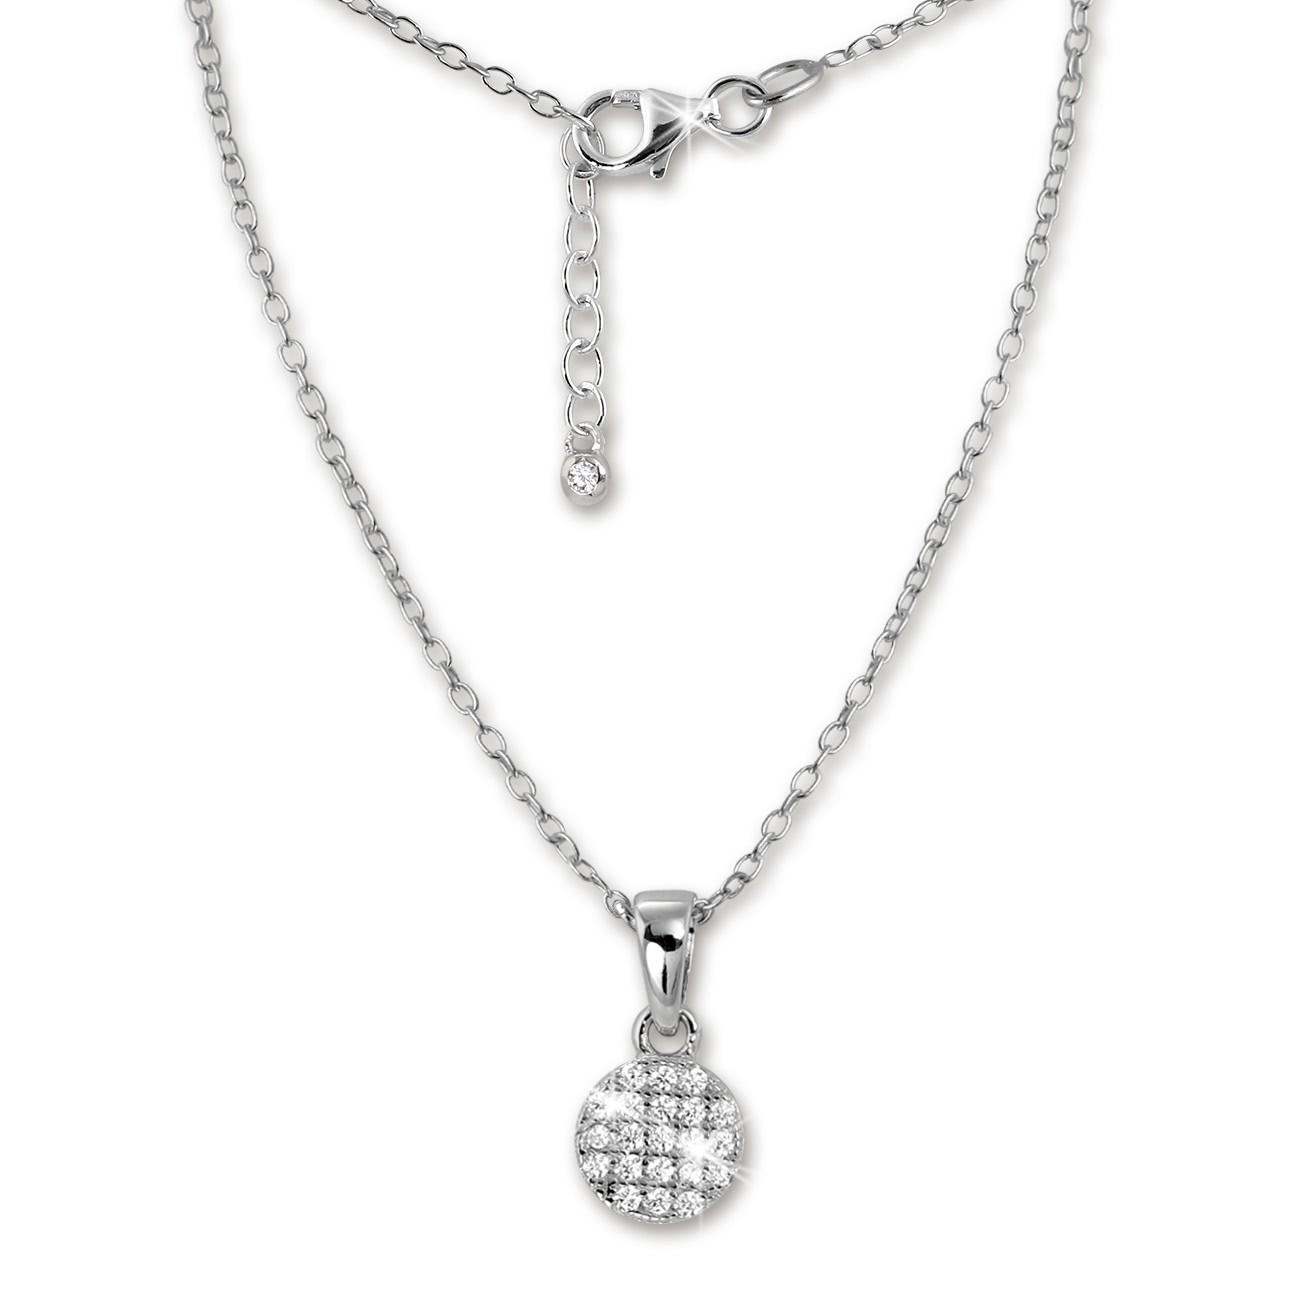 SilberDream Kette Circle Zirkonia weiß 925er Silber 42-45cm Halskette GSK403W